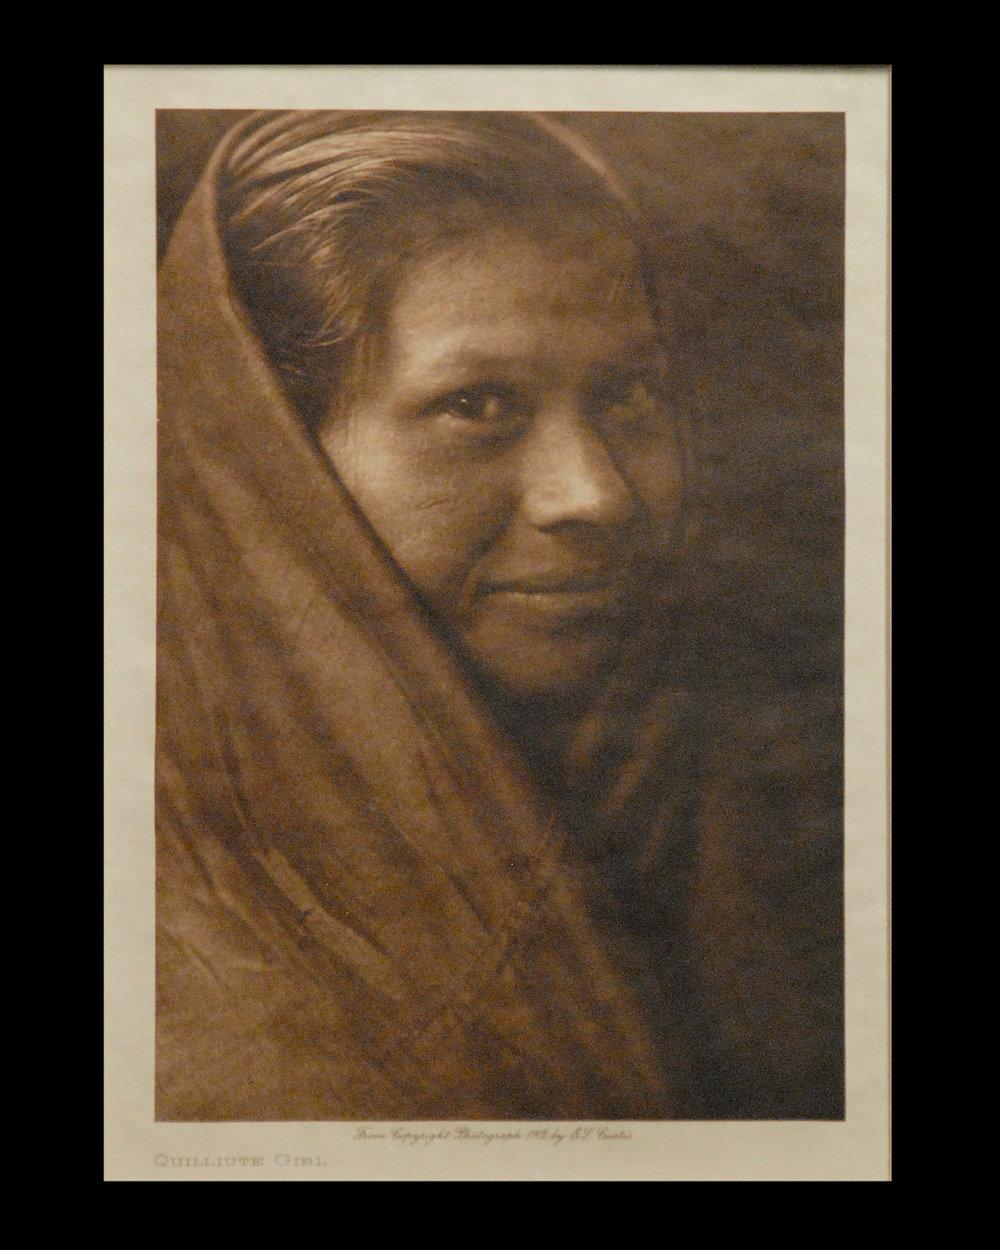 """""""Quilliute Girl"""" 1912 Vol.9 Van Gelder Print,  Vintage Photogravure"""